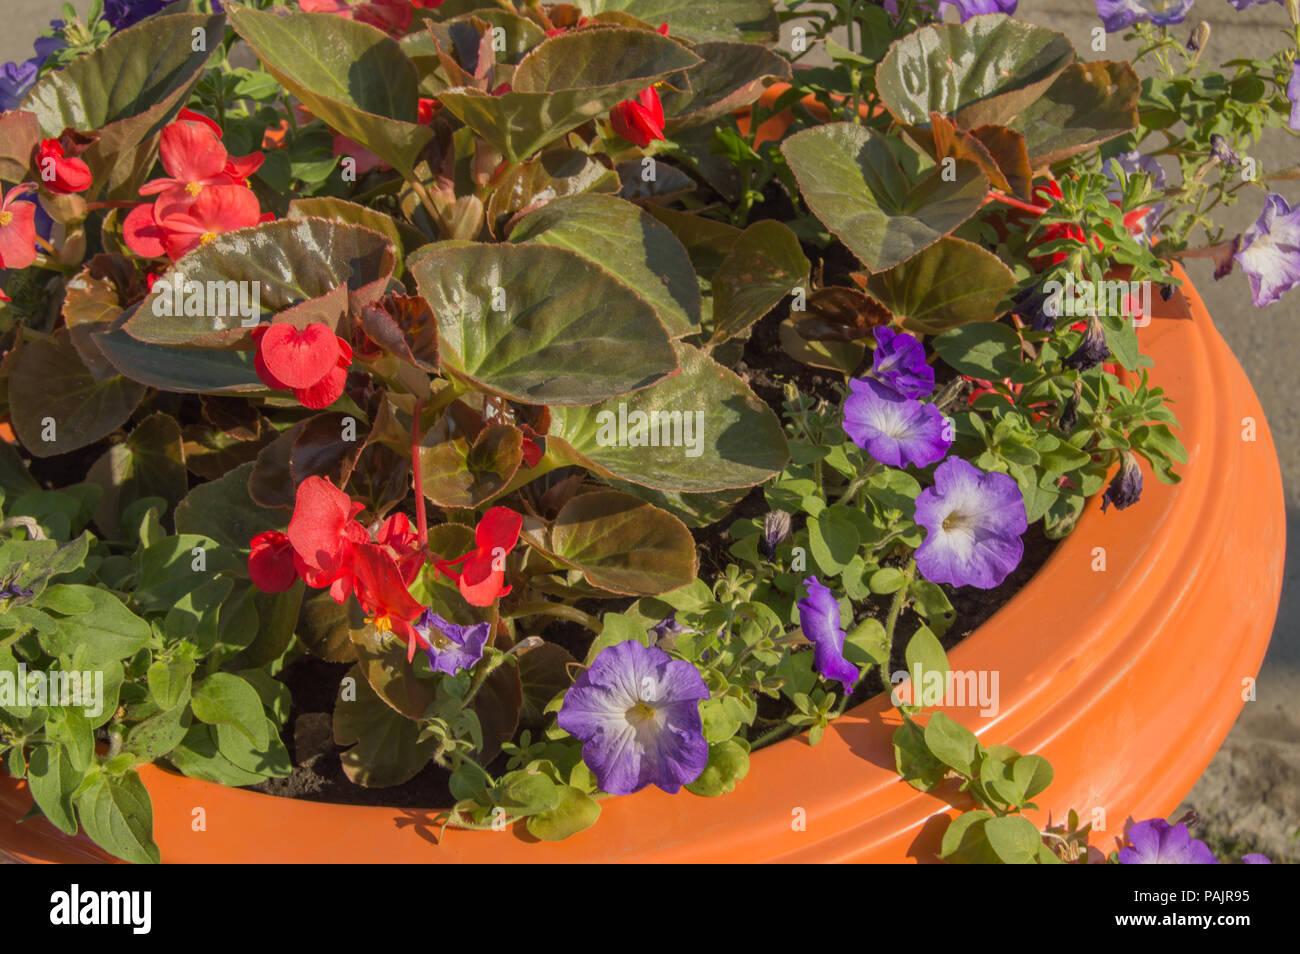 Vasi Da Giardino Colorati giardino di fiori colorati in un vaso da fiori, parco e